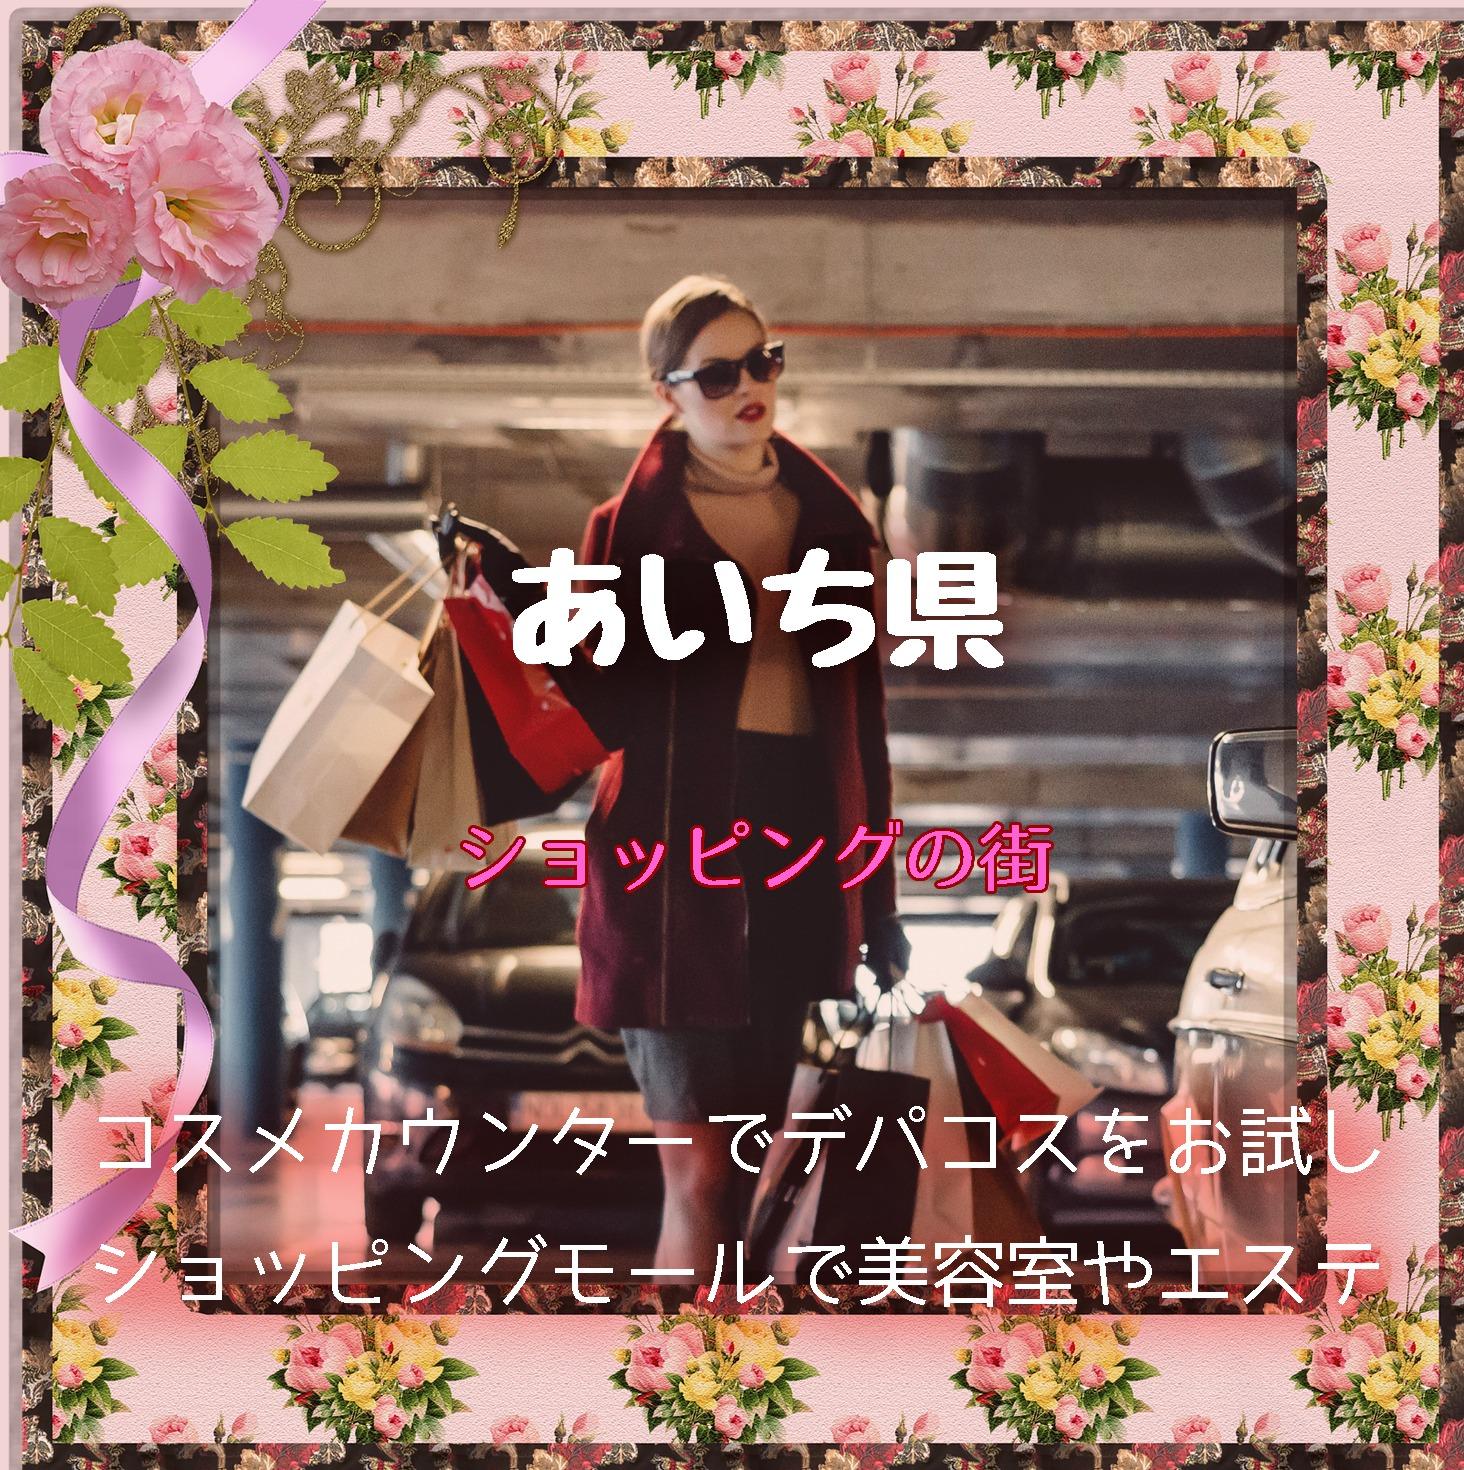 【デパコス買ってサロンに行こう!】愛知県